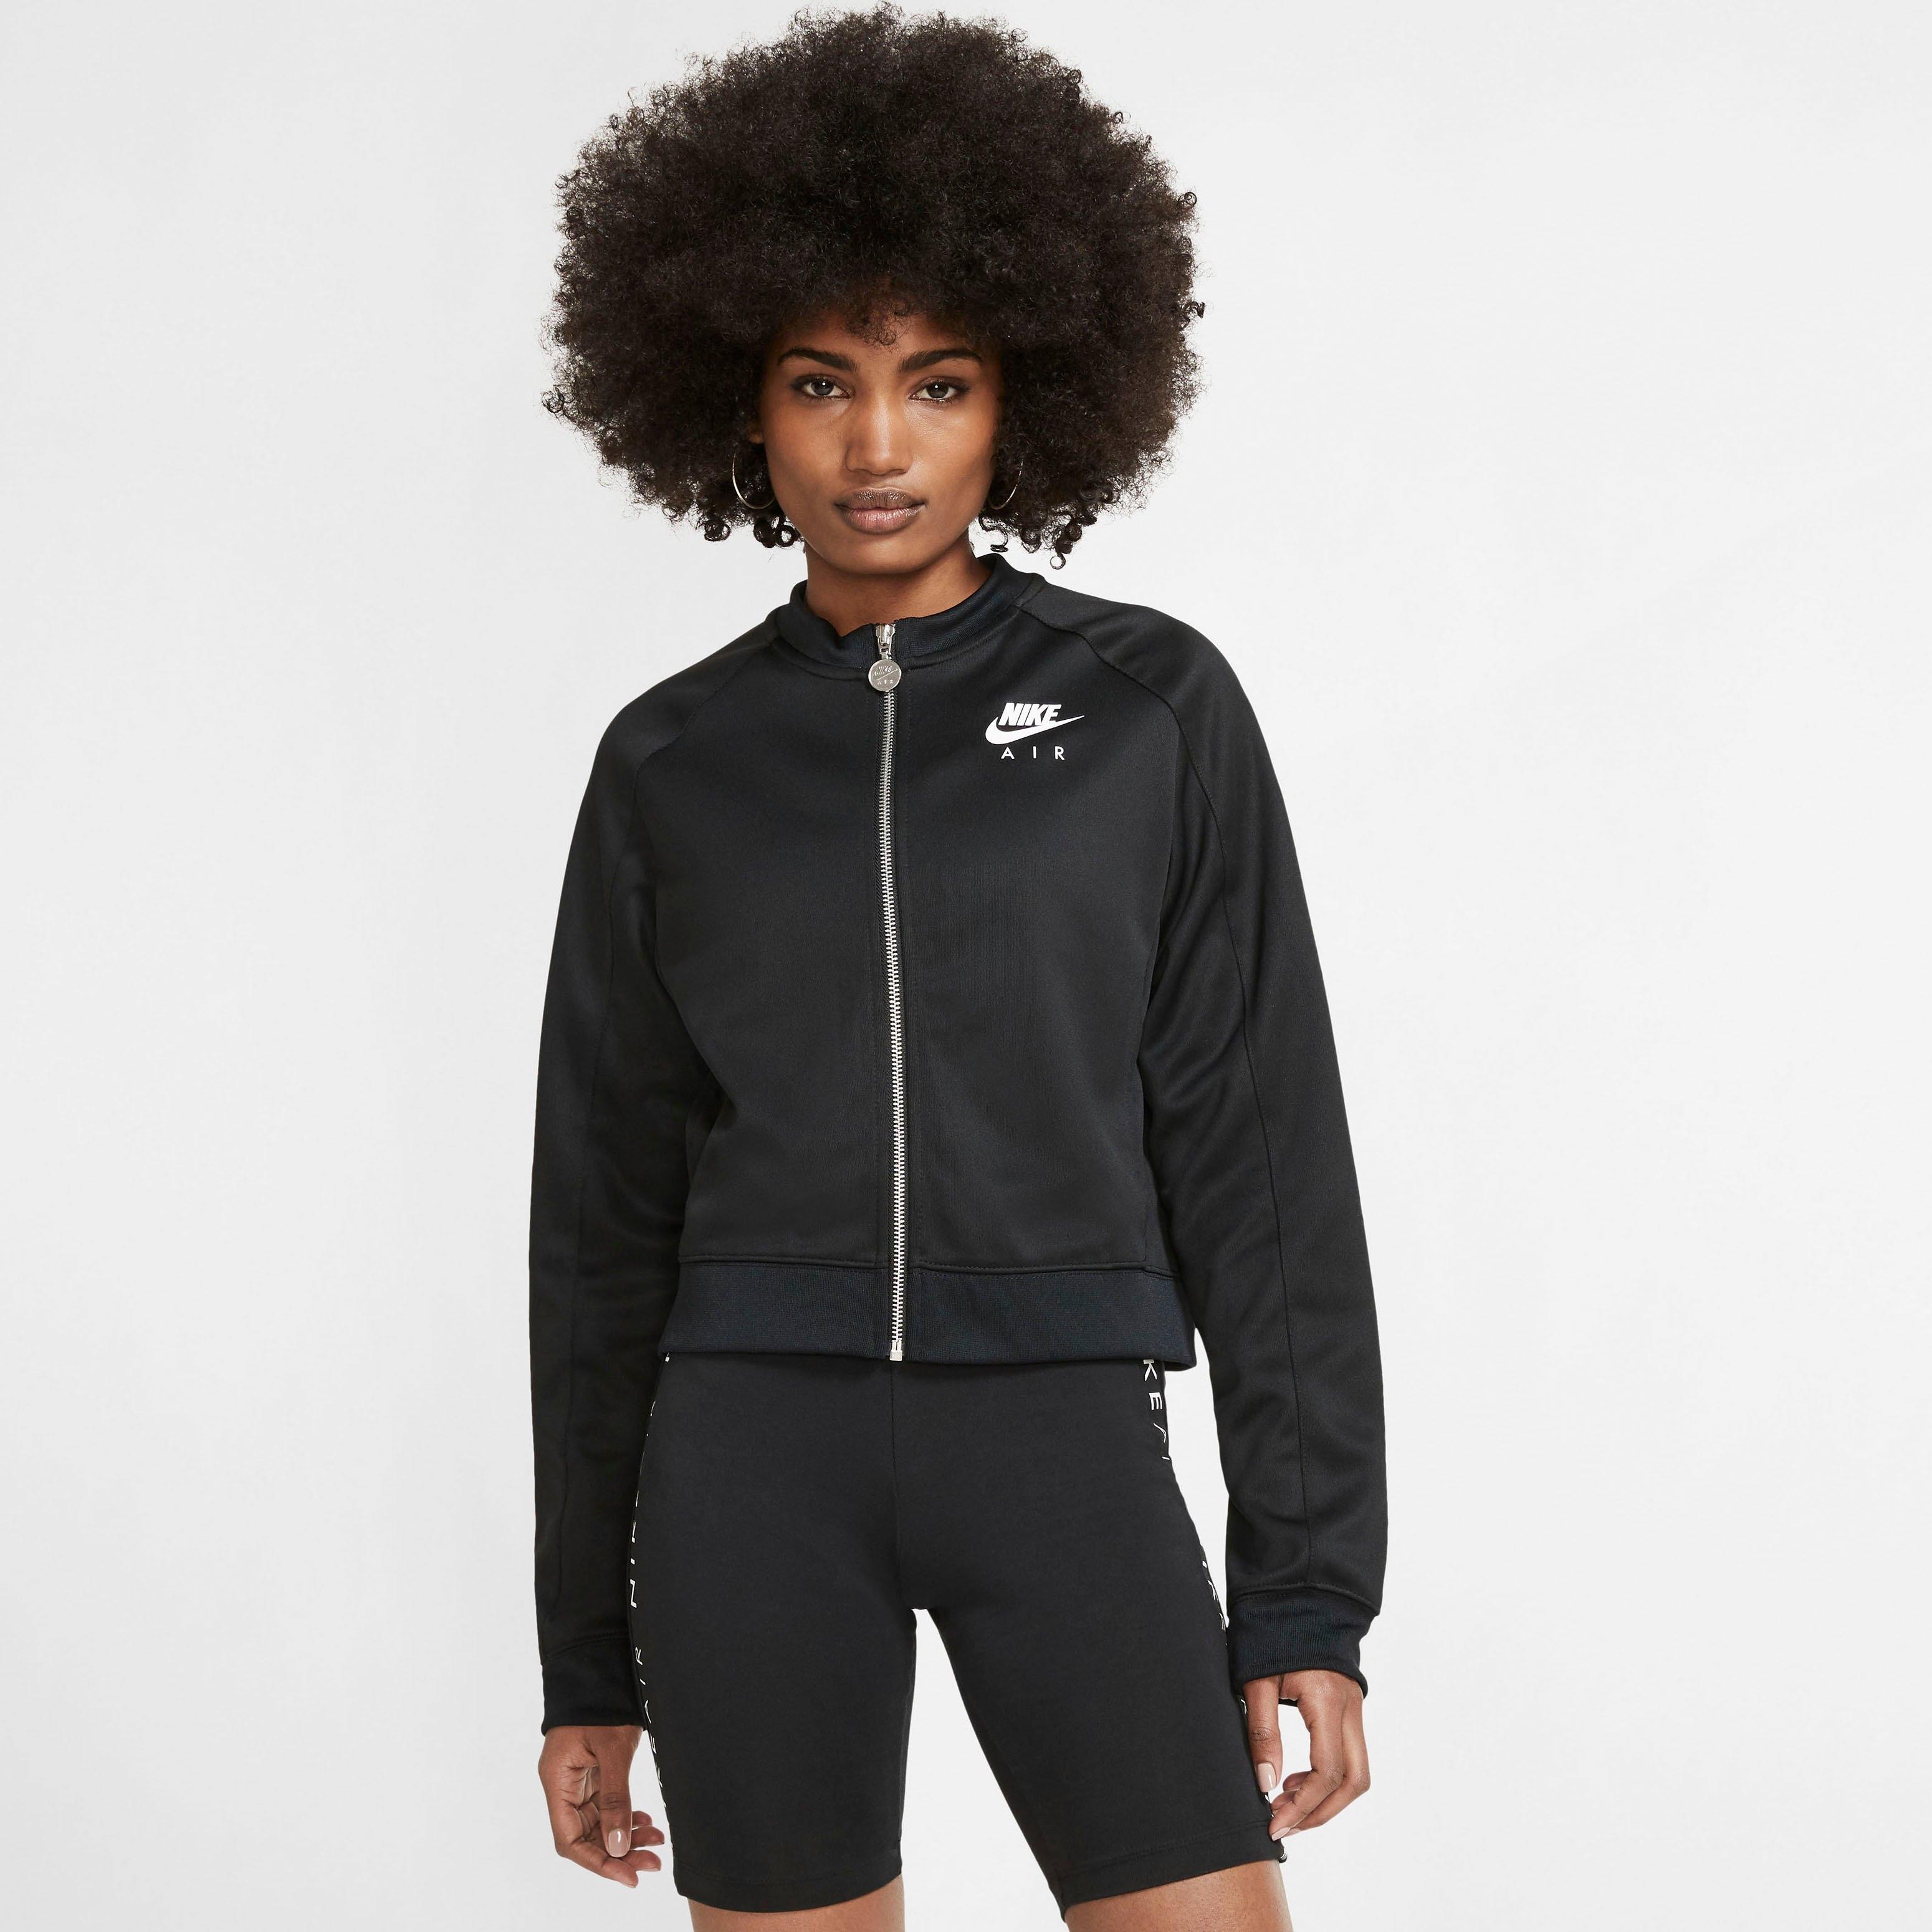 Nike trainingsjack »Nike Air Women's Jacket« voordelig en veilig online kopen